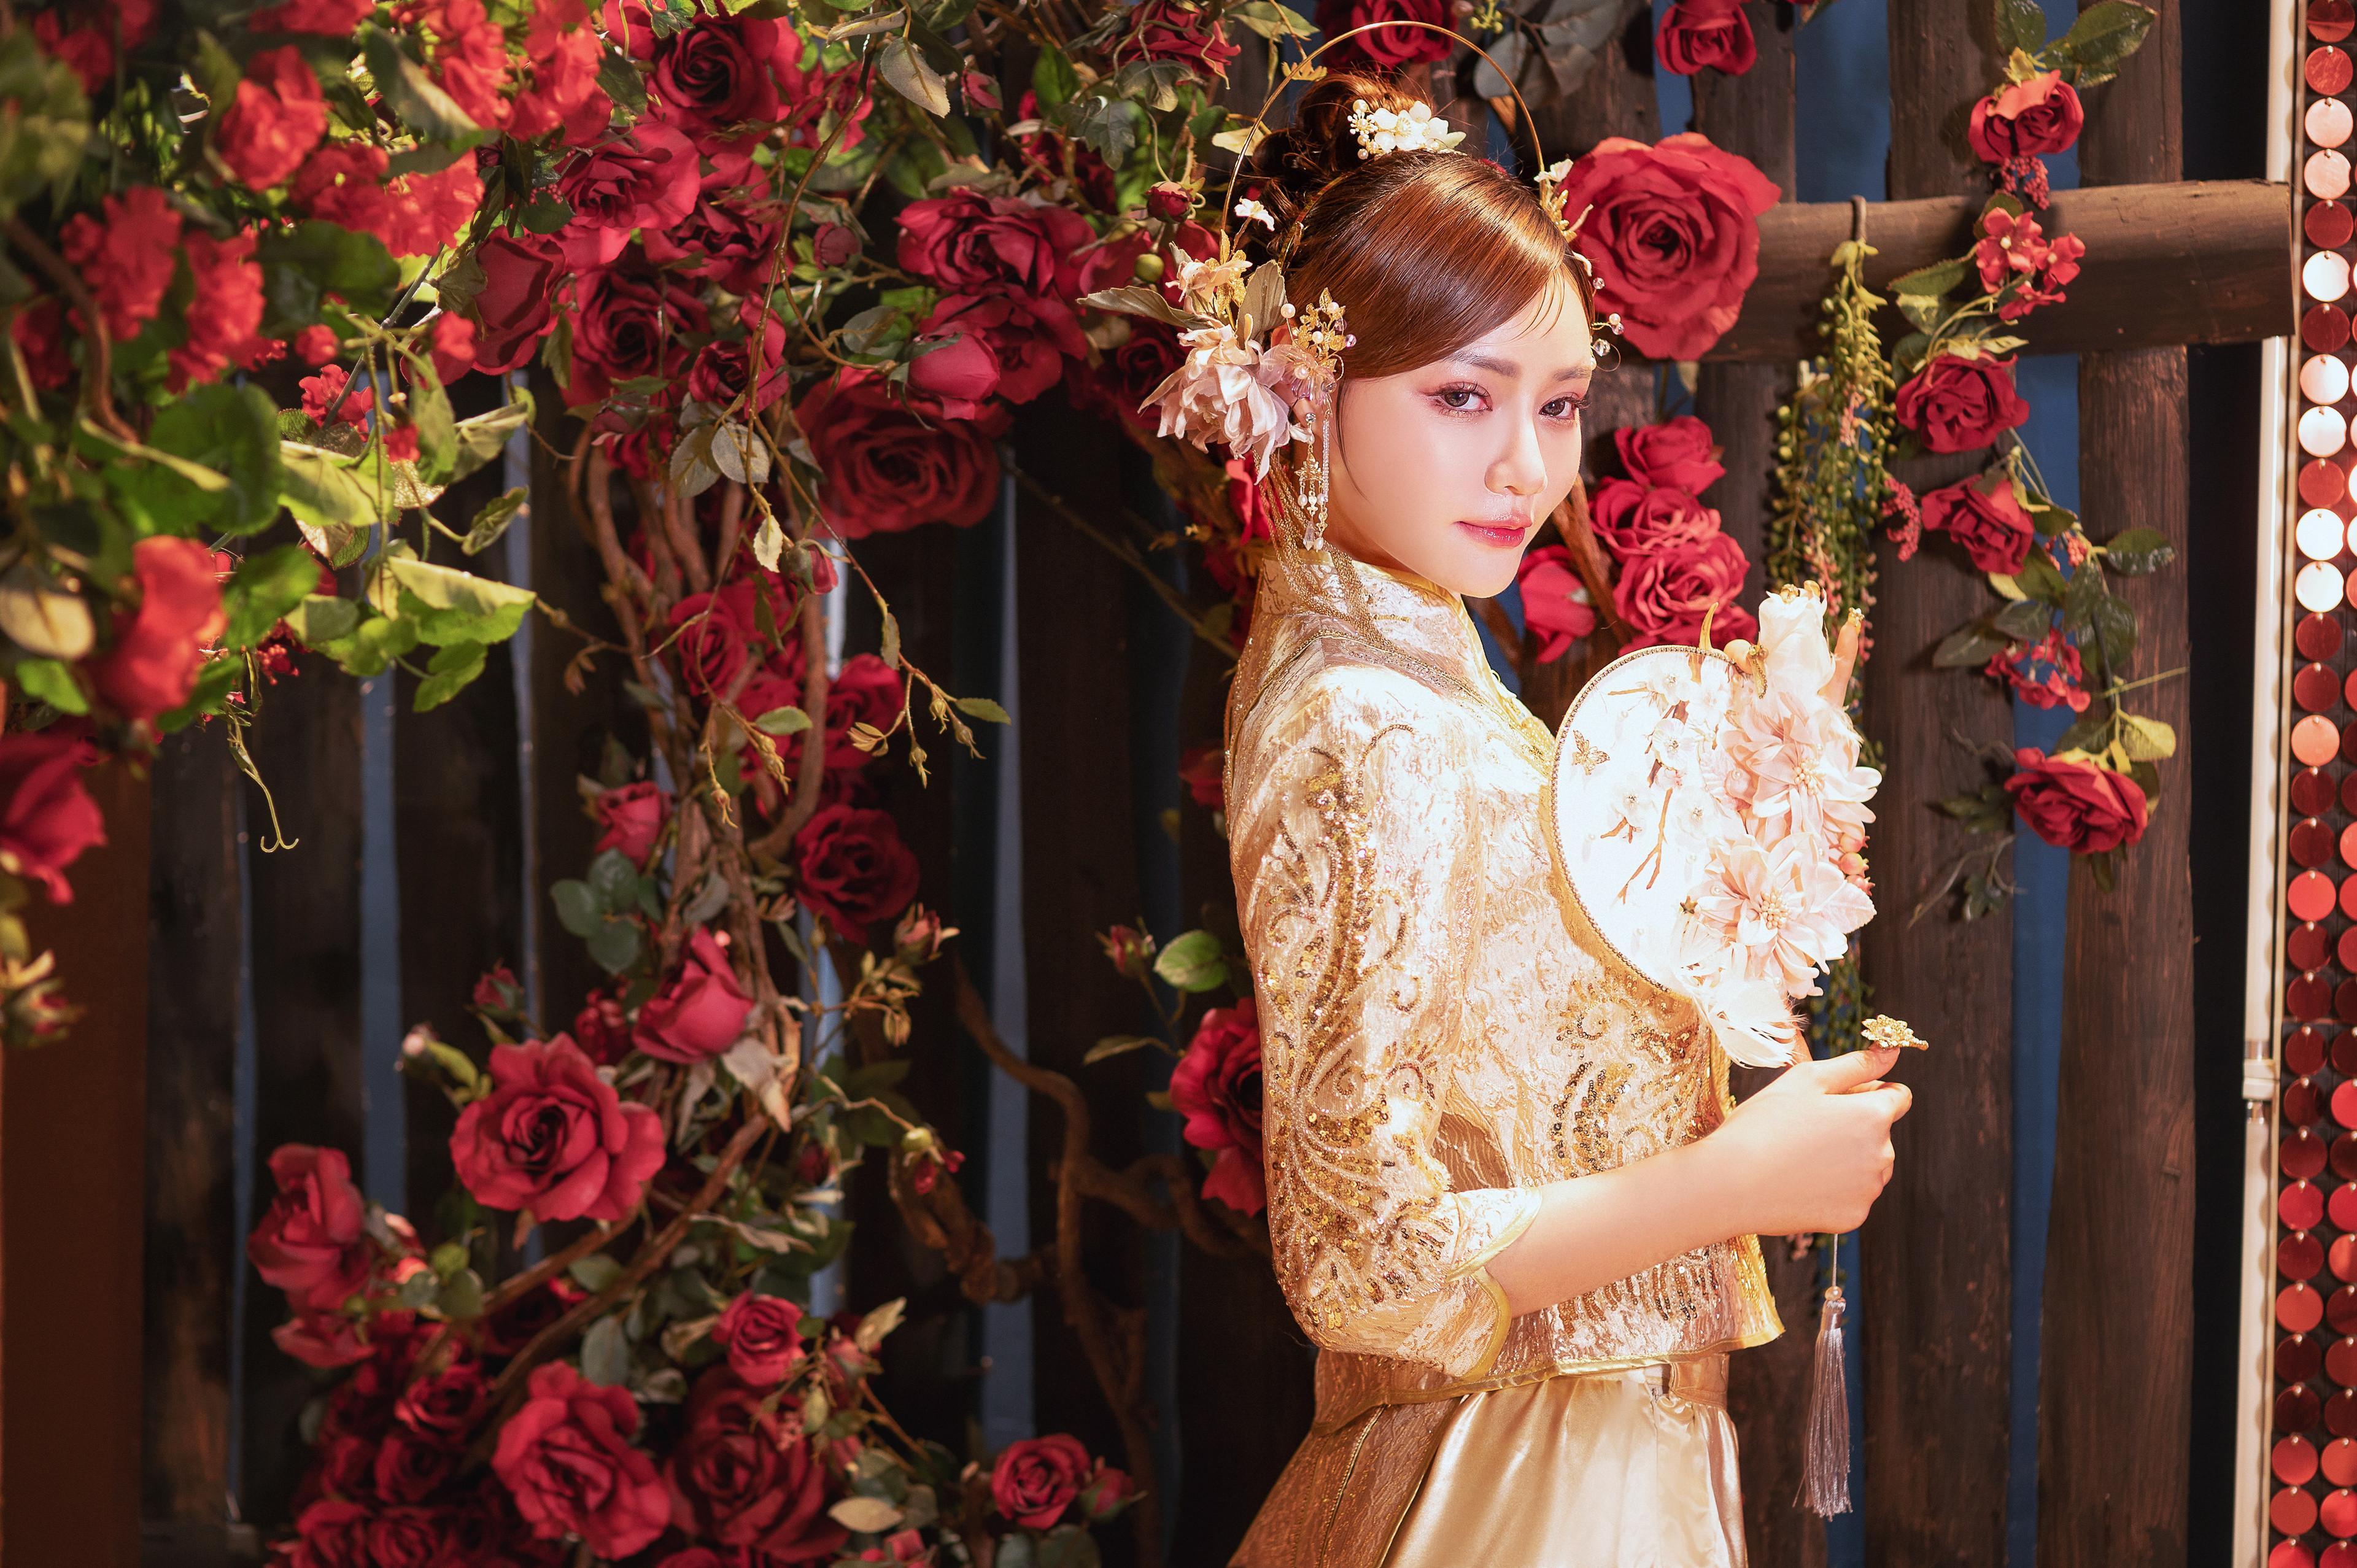 Картинка роза Девушки Азиаты Взгляд Платье Украшения 3840x2555 Розы девушка молодая женщина молодые женщины азиатки азиатка смотрит смотрят платья